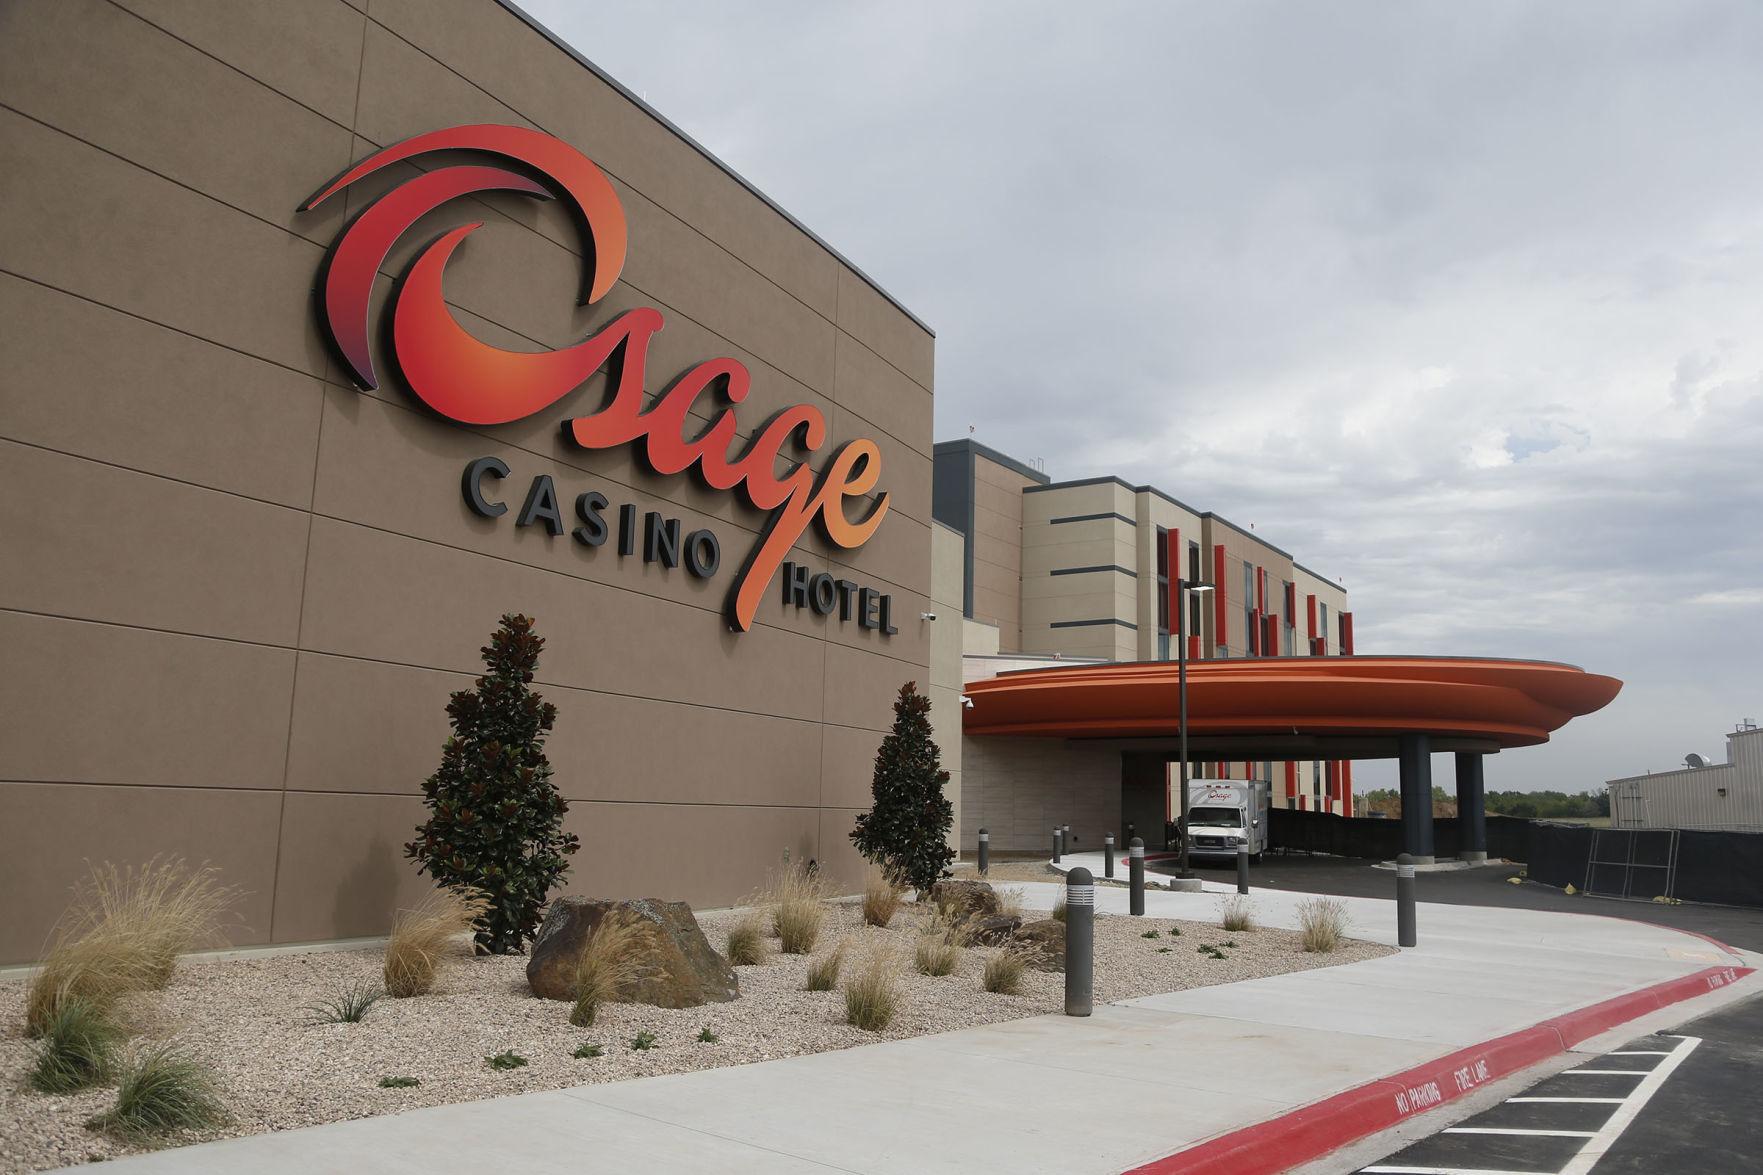 casino game in nj pa rental